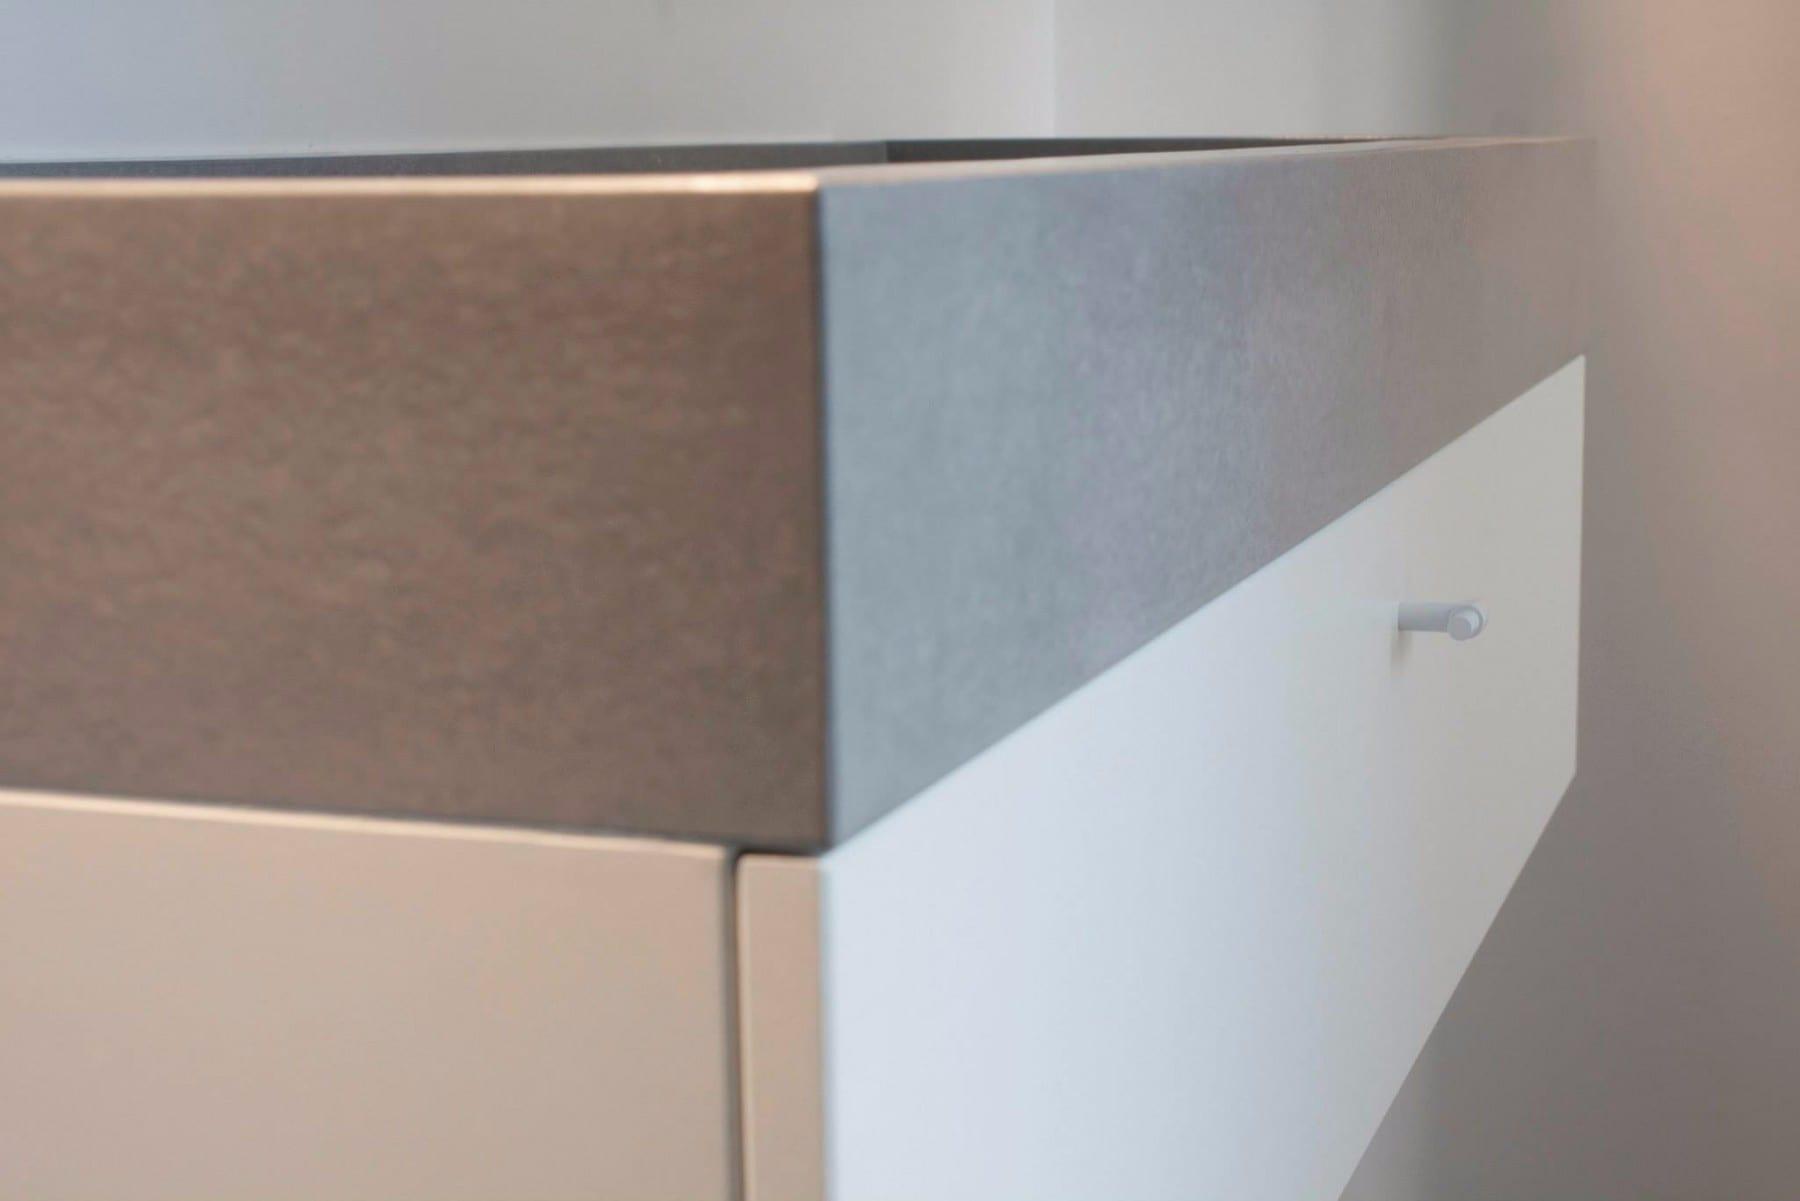 Badkamermeubel Op Maat : Badkamermeubels op maat meubelmakerij houtkwadraat